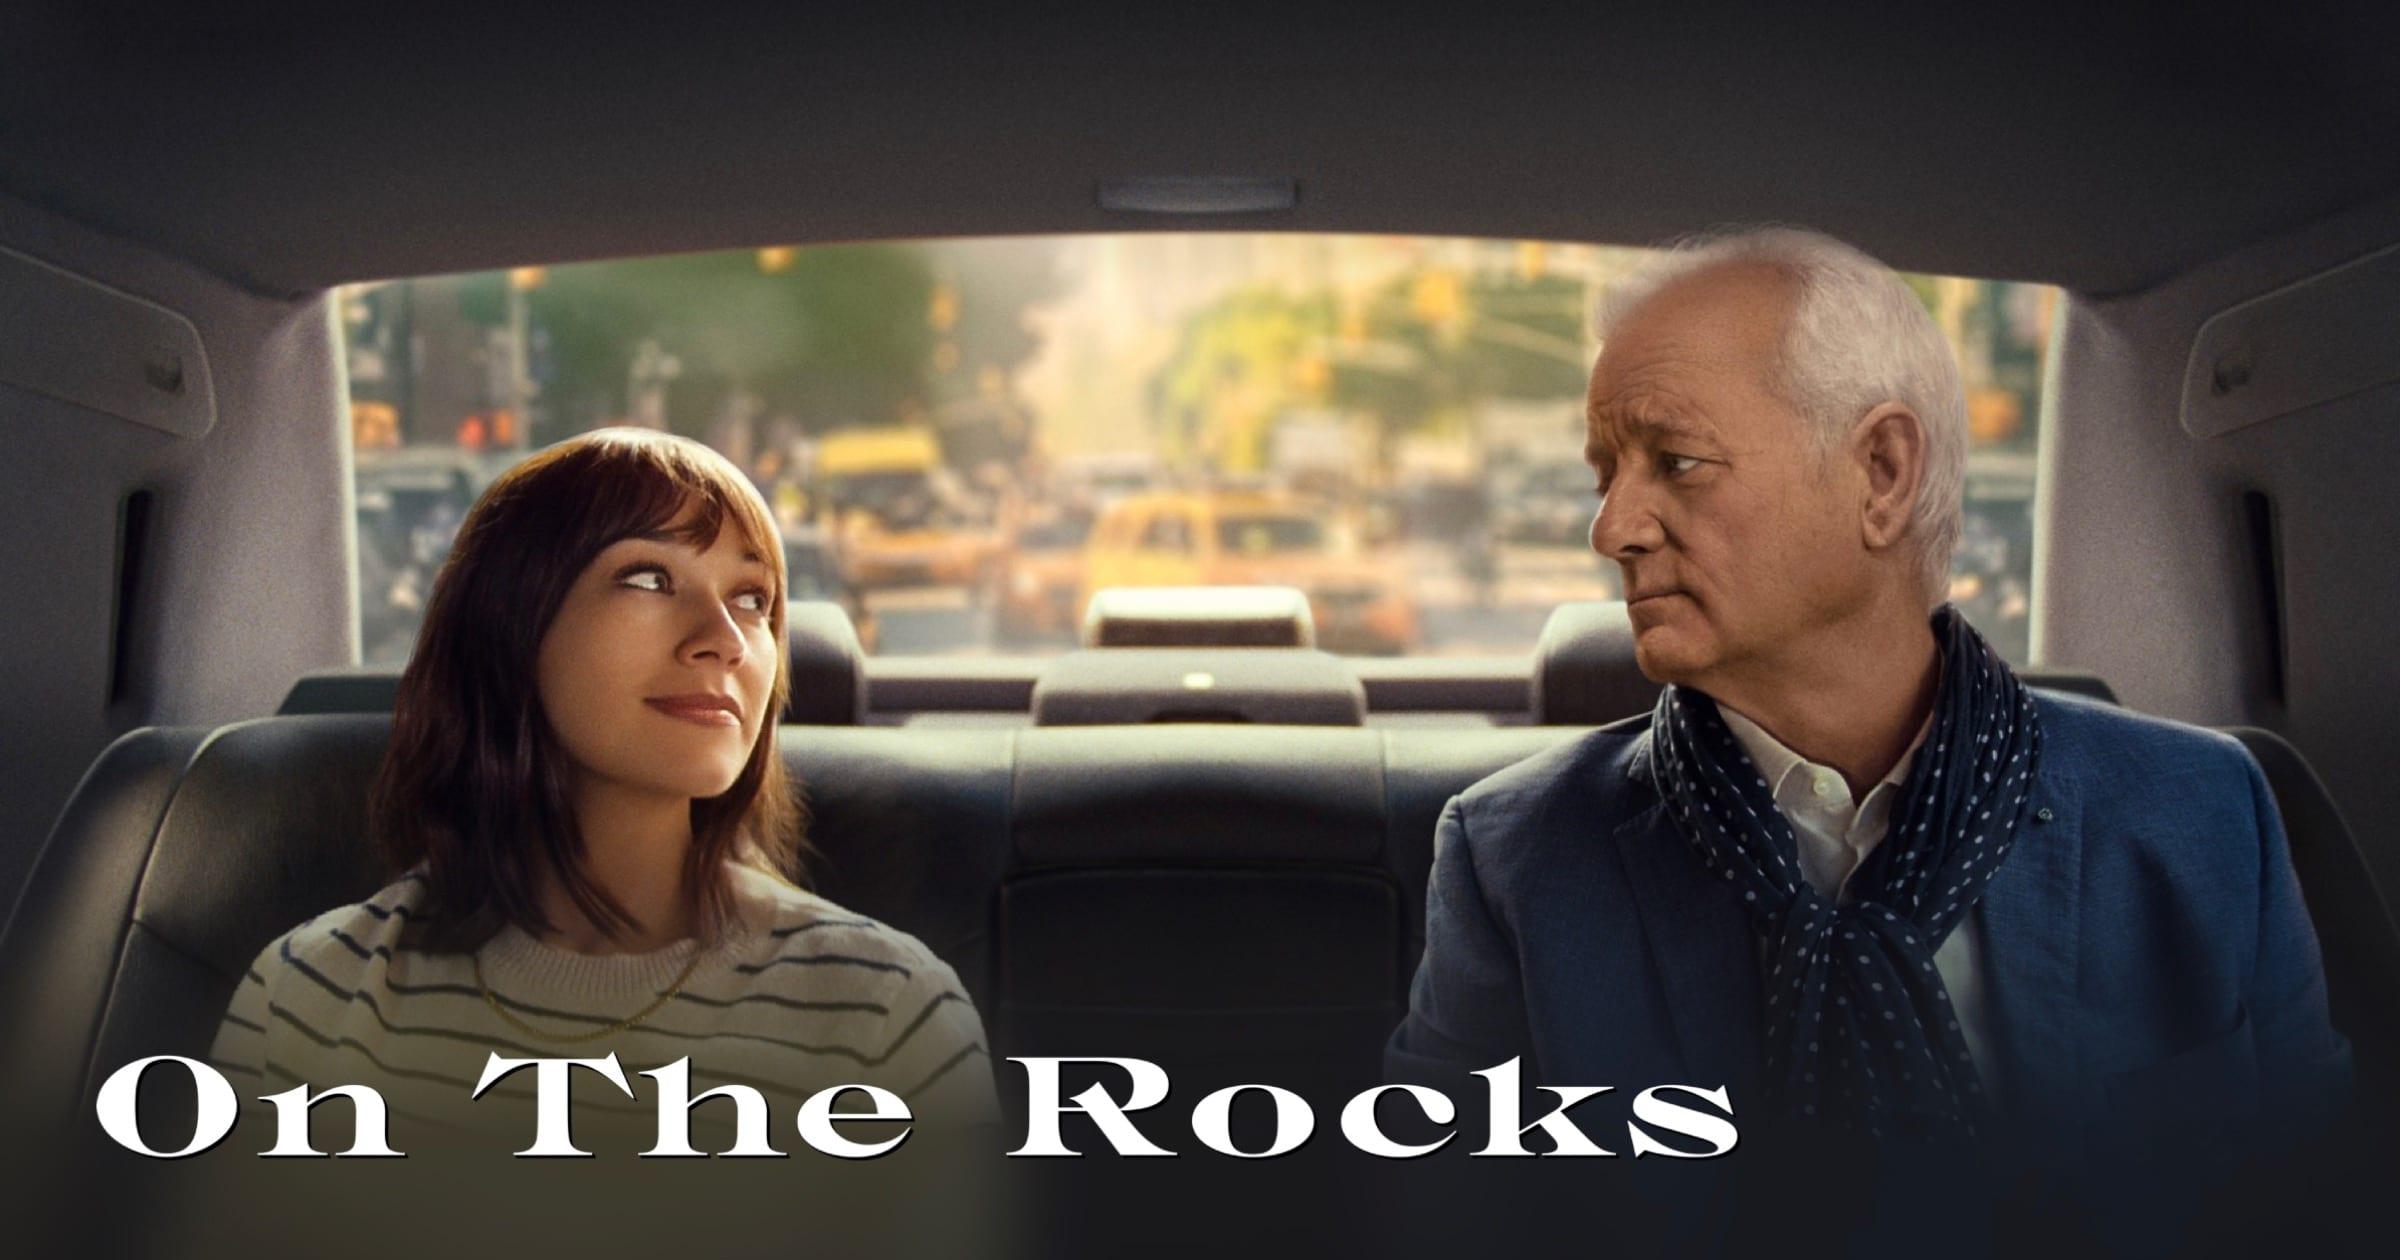 On the Rocks: il trailer del nuovo film di Sofia Coppola con Bill Murray